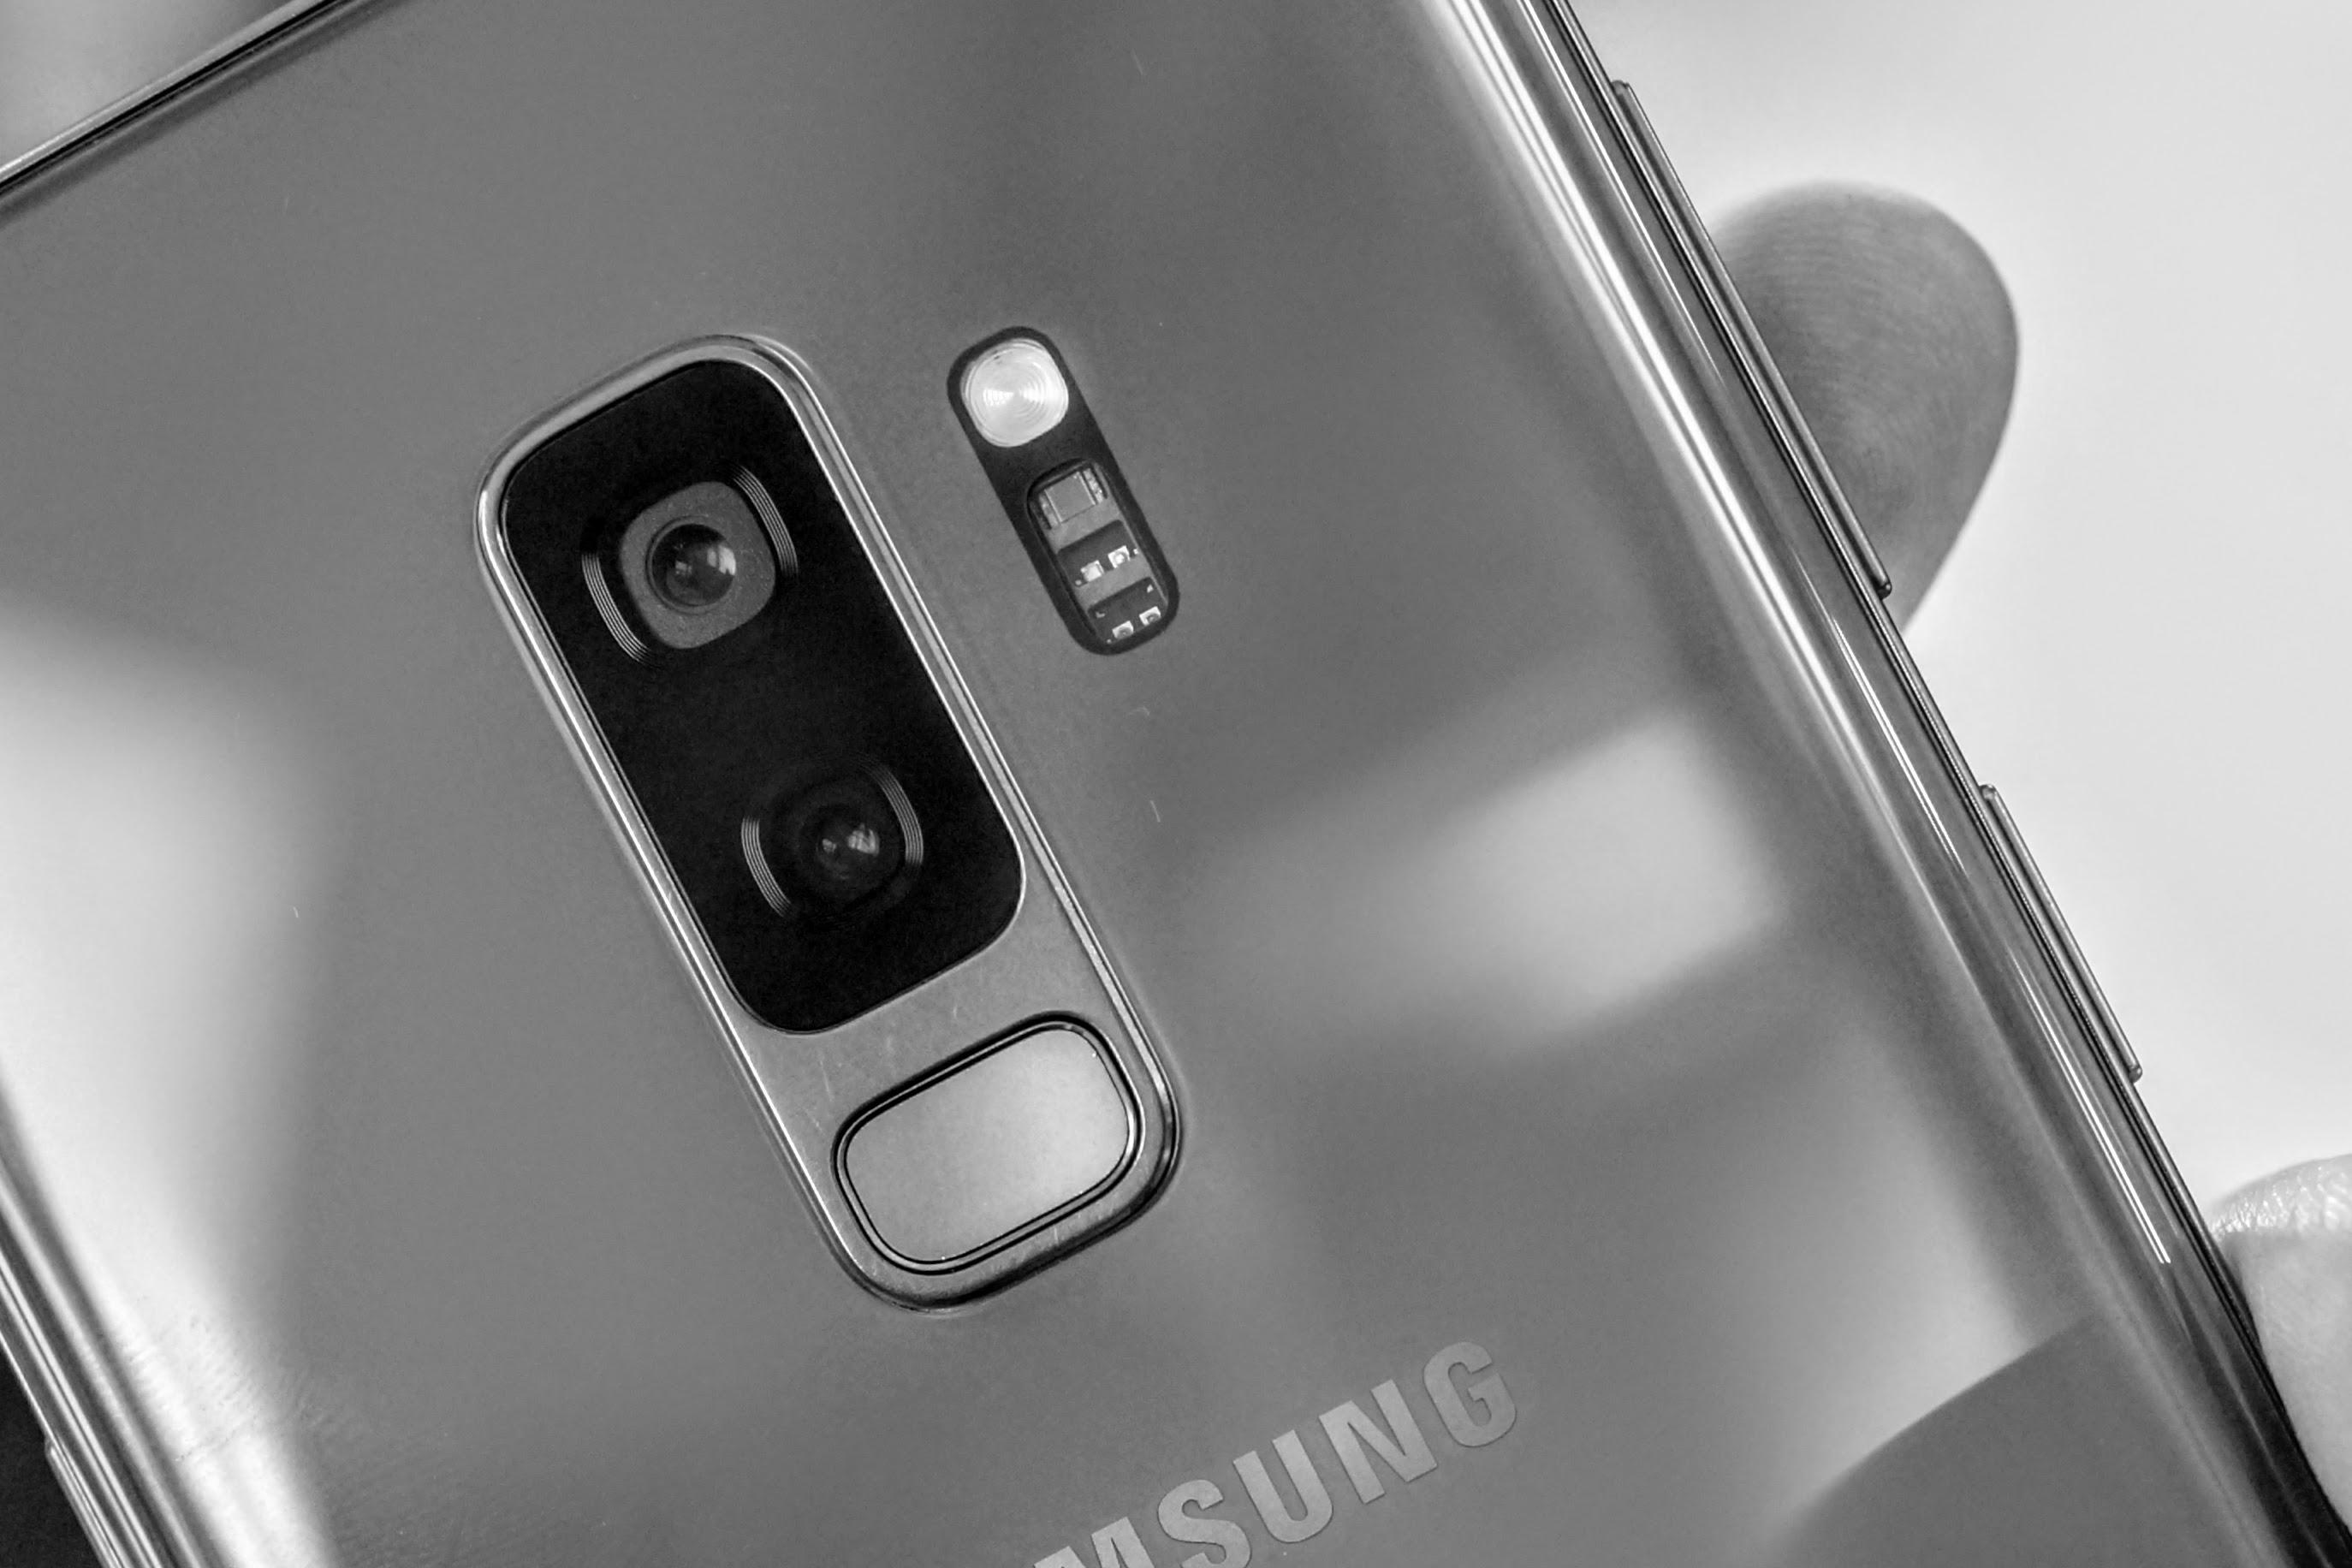 Le Samsung Galaxy S9 n'est pas le premier téléphone avec une caméra à ouverture variable